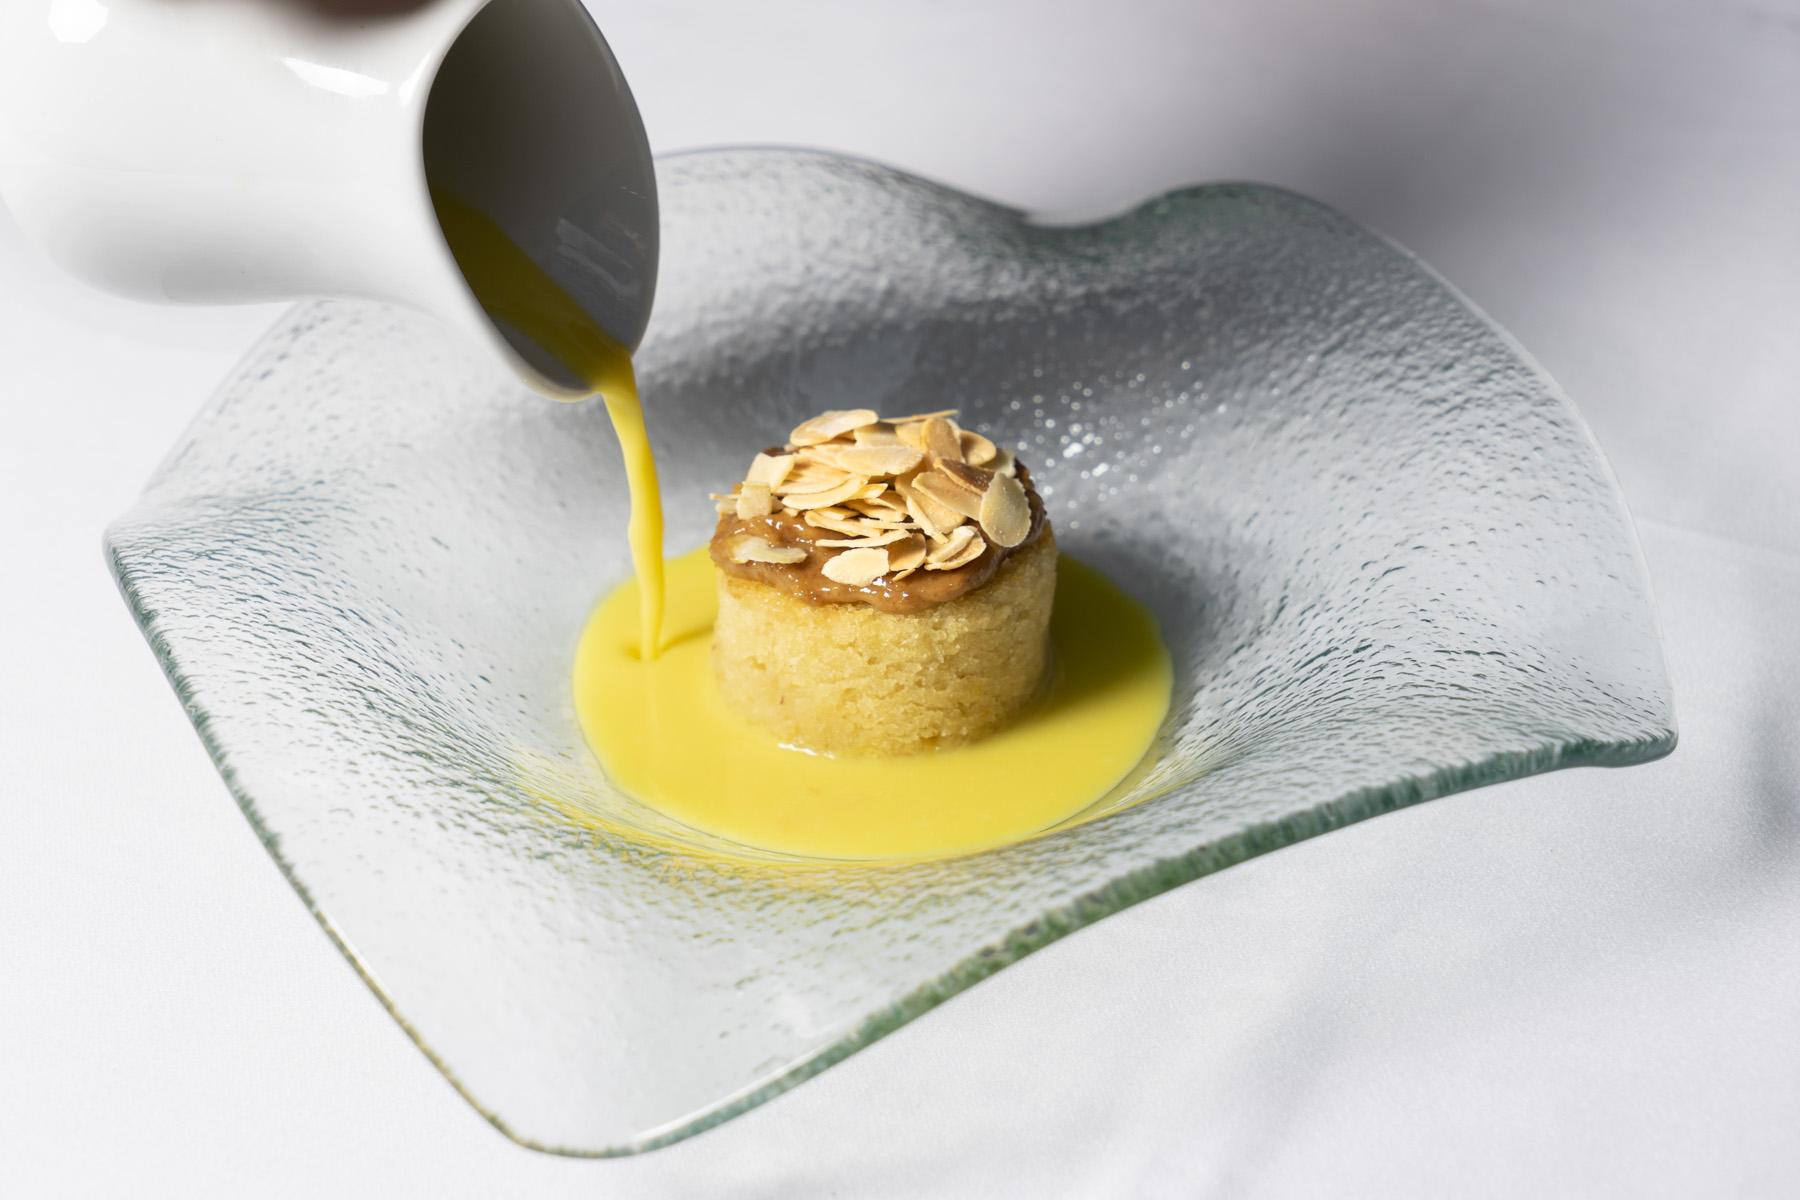 Bästa maten, efterrätt, Casa Montesdeoca, Las Palmas, Gran Canaria, bra krogar,